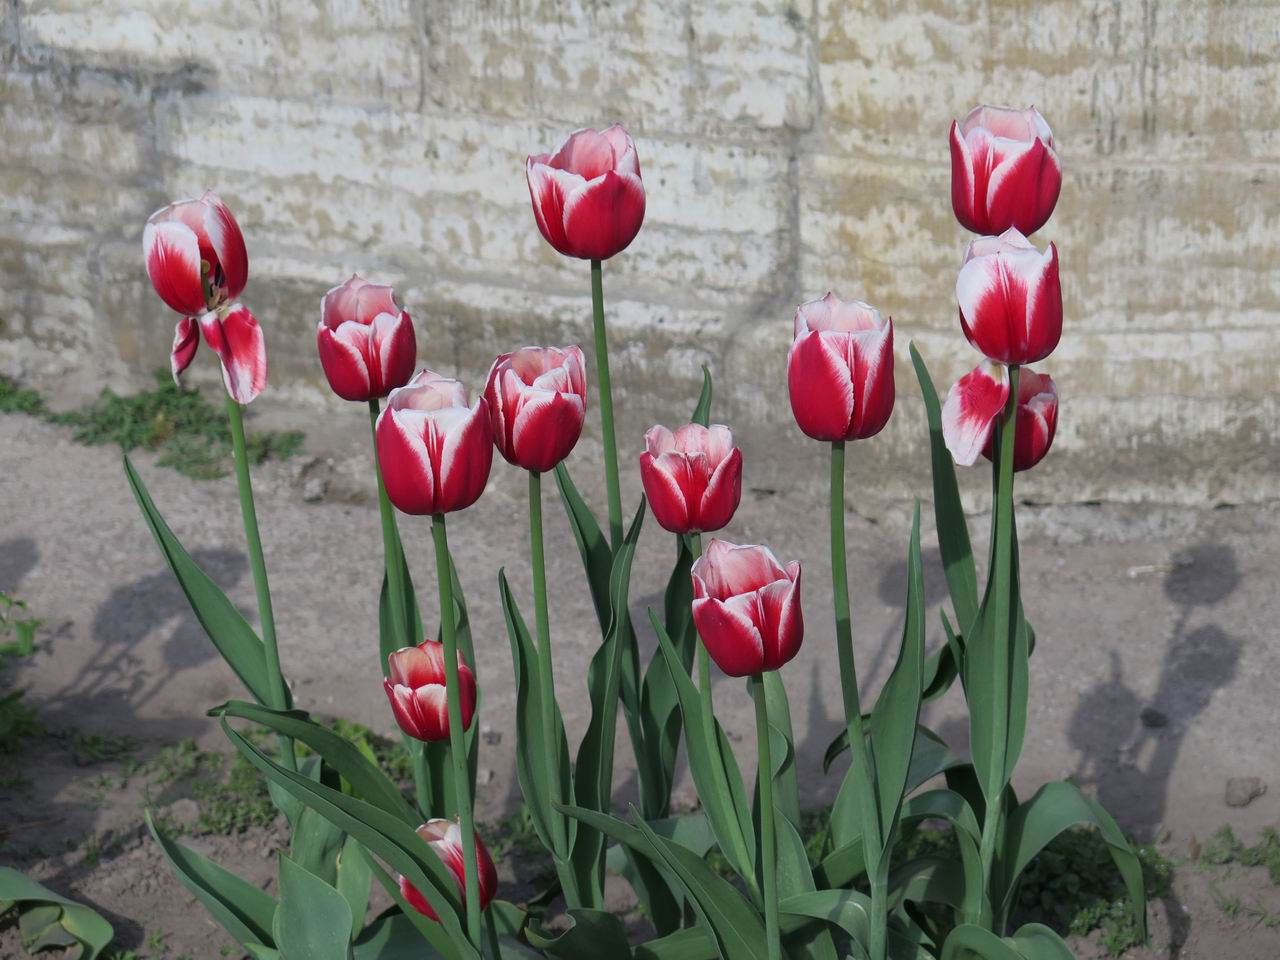 Тюльпан Delta Queen, класс Триумф. Петербург, Ботанический сад Петра Великого